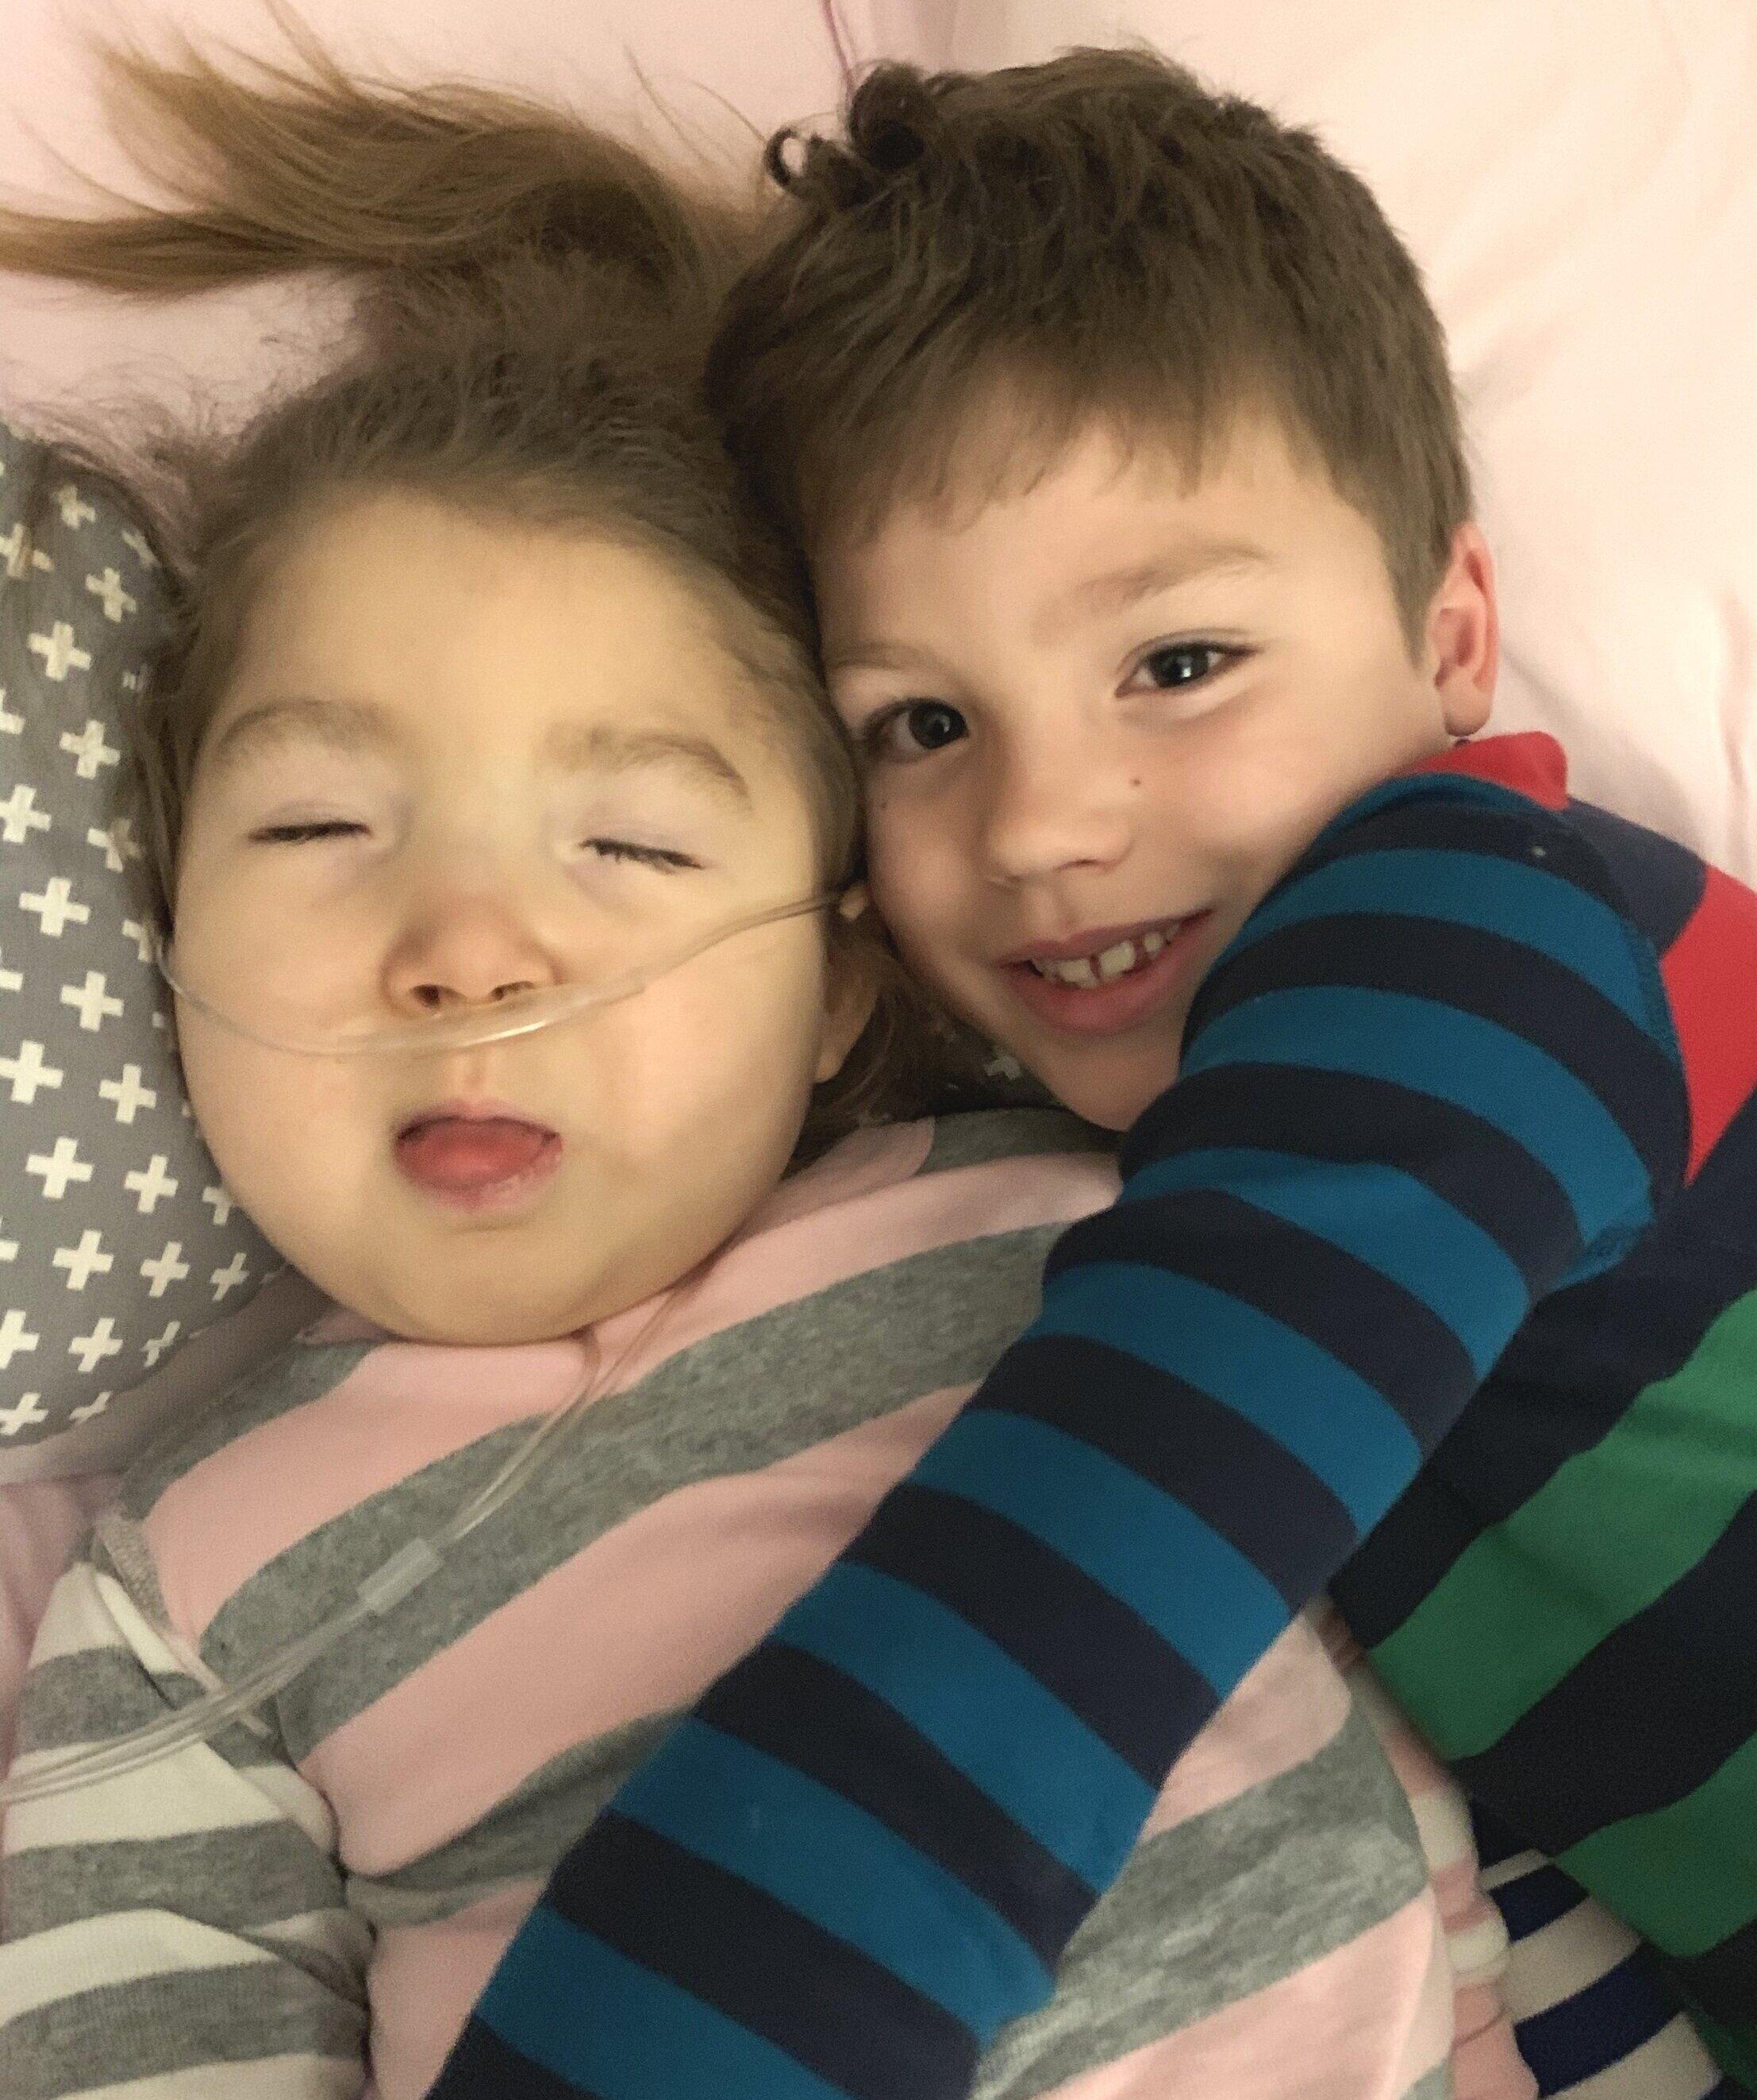 PJ cuddles, October 2019